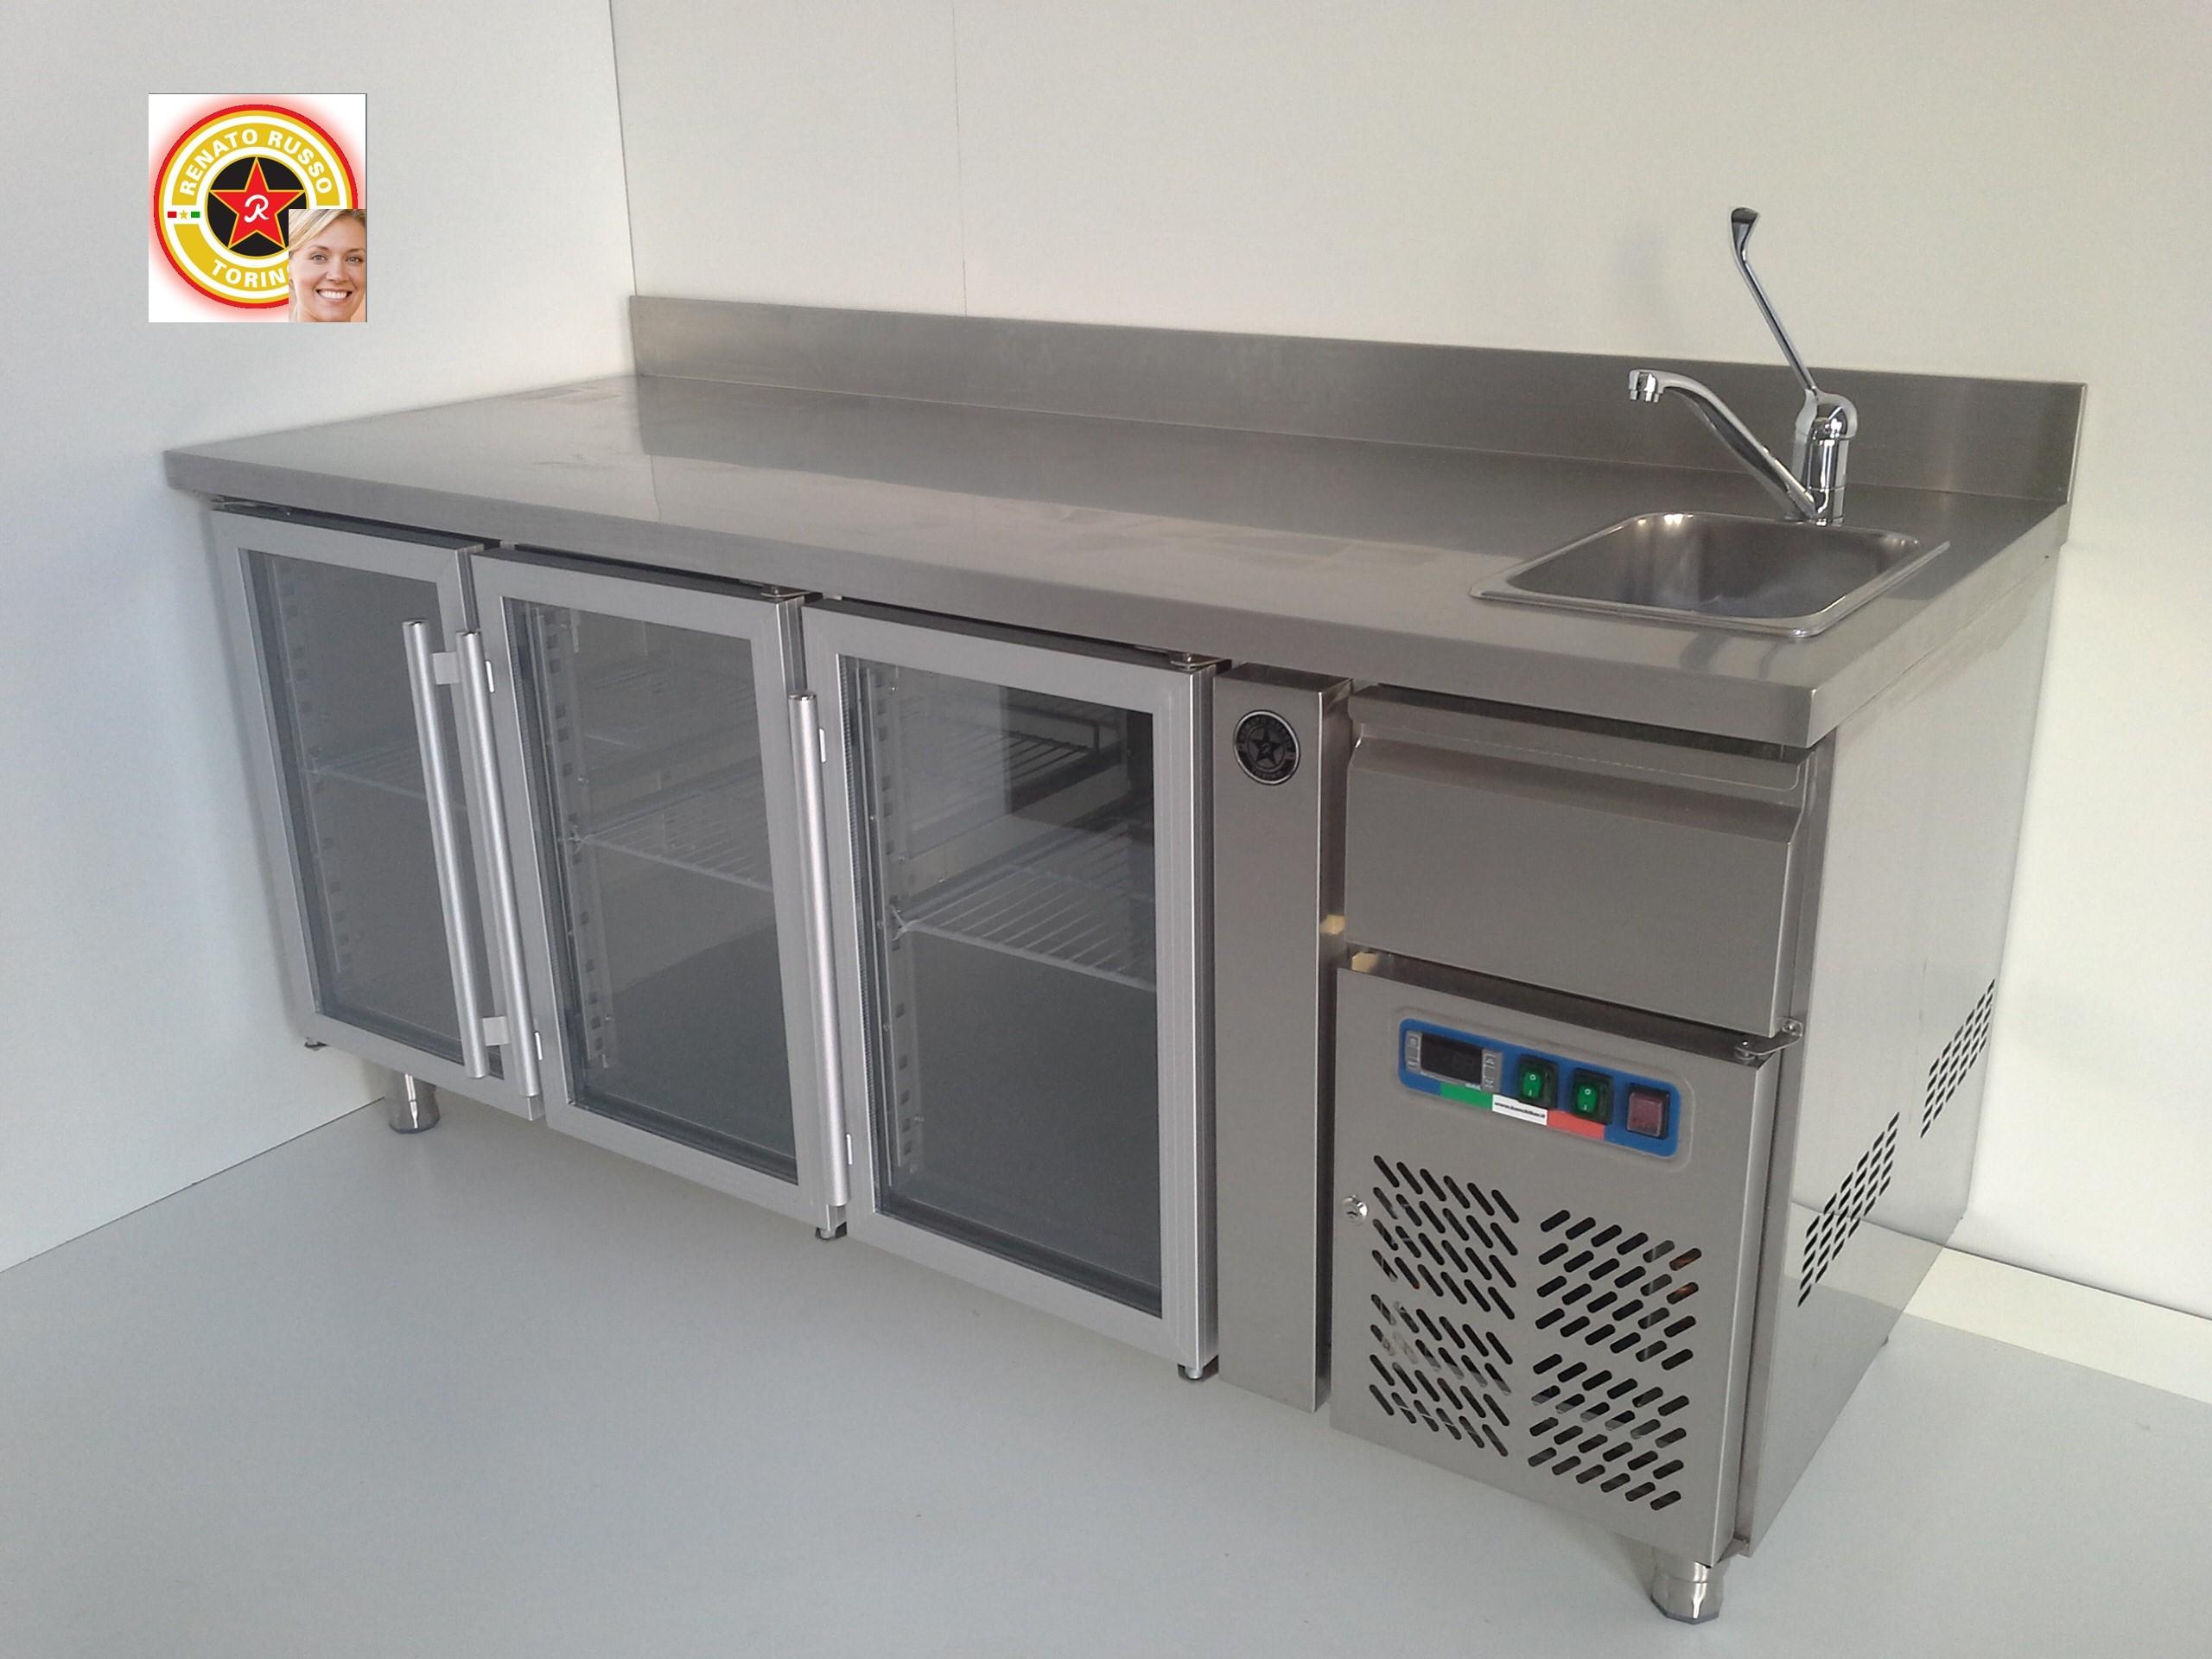 Banchi pizza compra in fabbrica tavoli refrigerati for Banconi bar milano